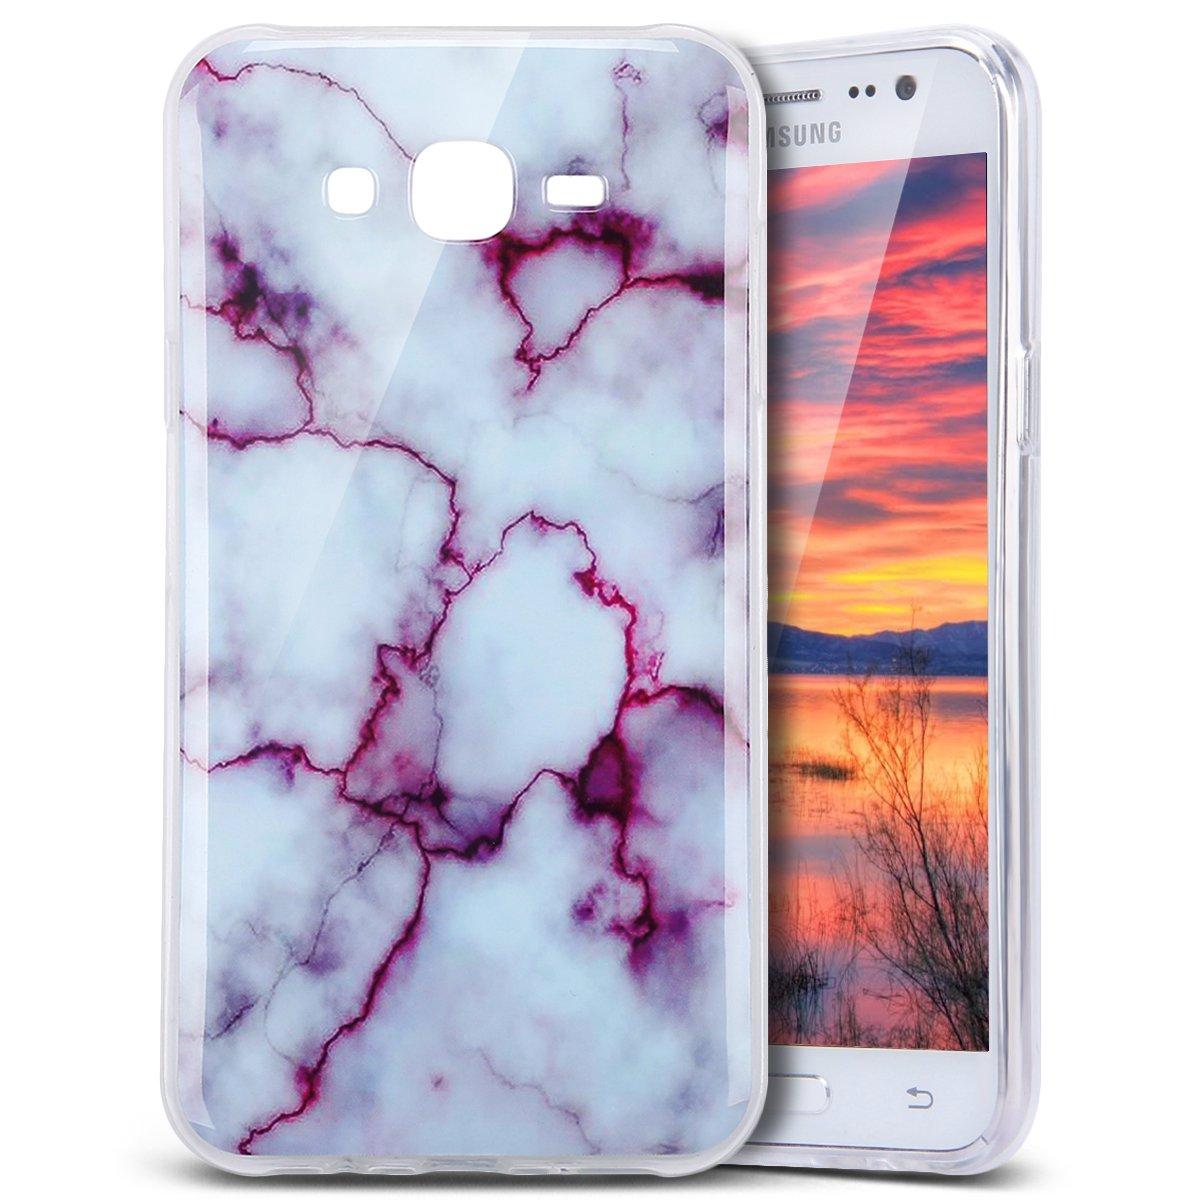 人気新品 PHEZEN IMD TPU Galaxy J7 Case 白色マーブルパターン (2015)対応 IMD B01N1SM6O5 デザイン 可愛い クリエイティブ 傷防止 バンパー 超薄型 TPU ソフトケース ゴム シリコーン スキンカバー サムスン Galaxy J7 J700 (2015)対応 PHEZEN00918 Marble Purple B01N1SM6O5, ベッド&マットレス:93b27e35 --- ciadaterra.com